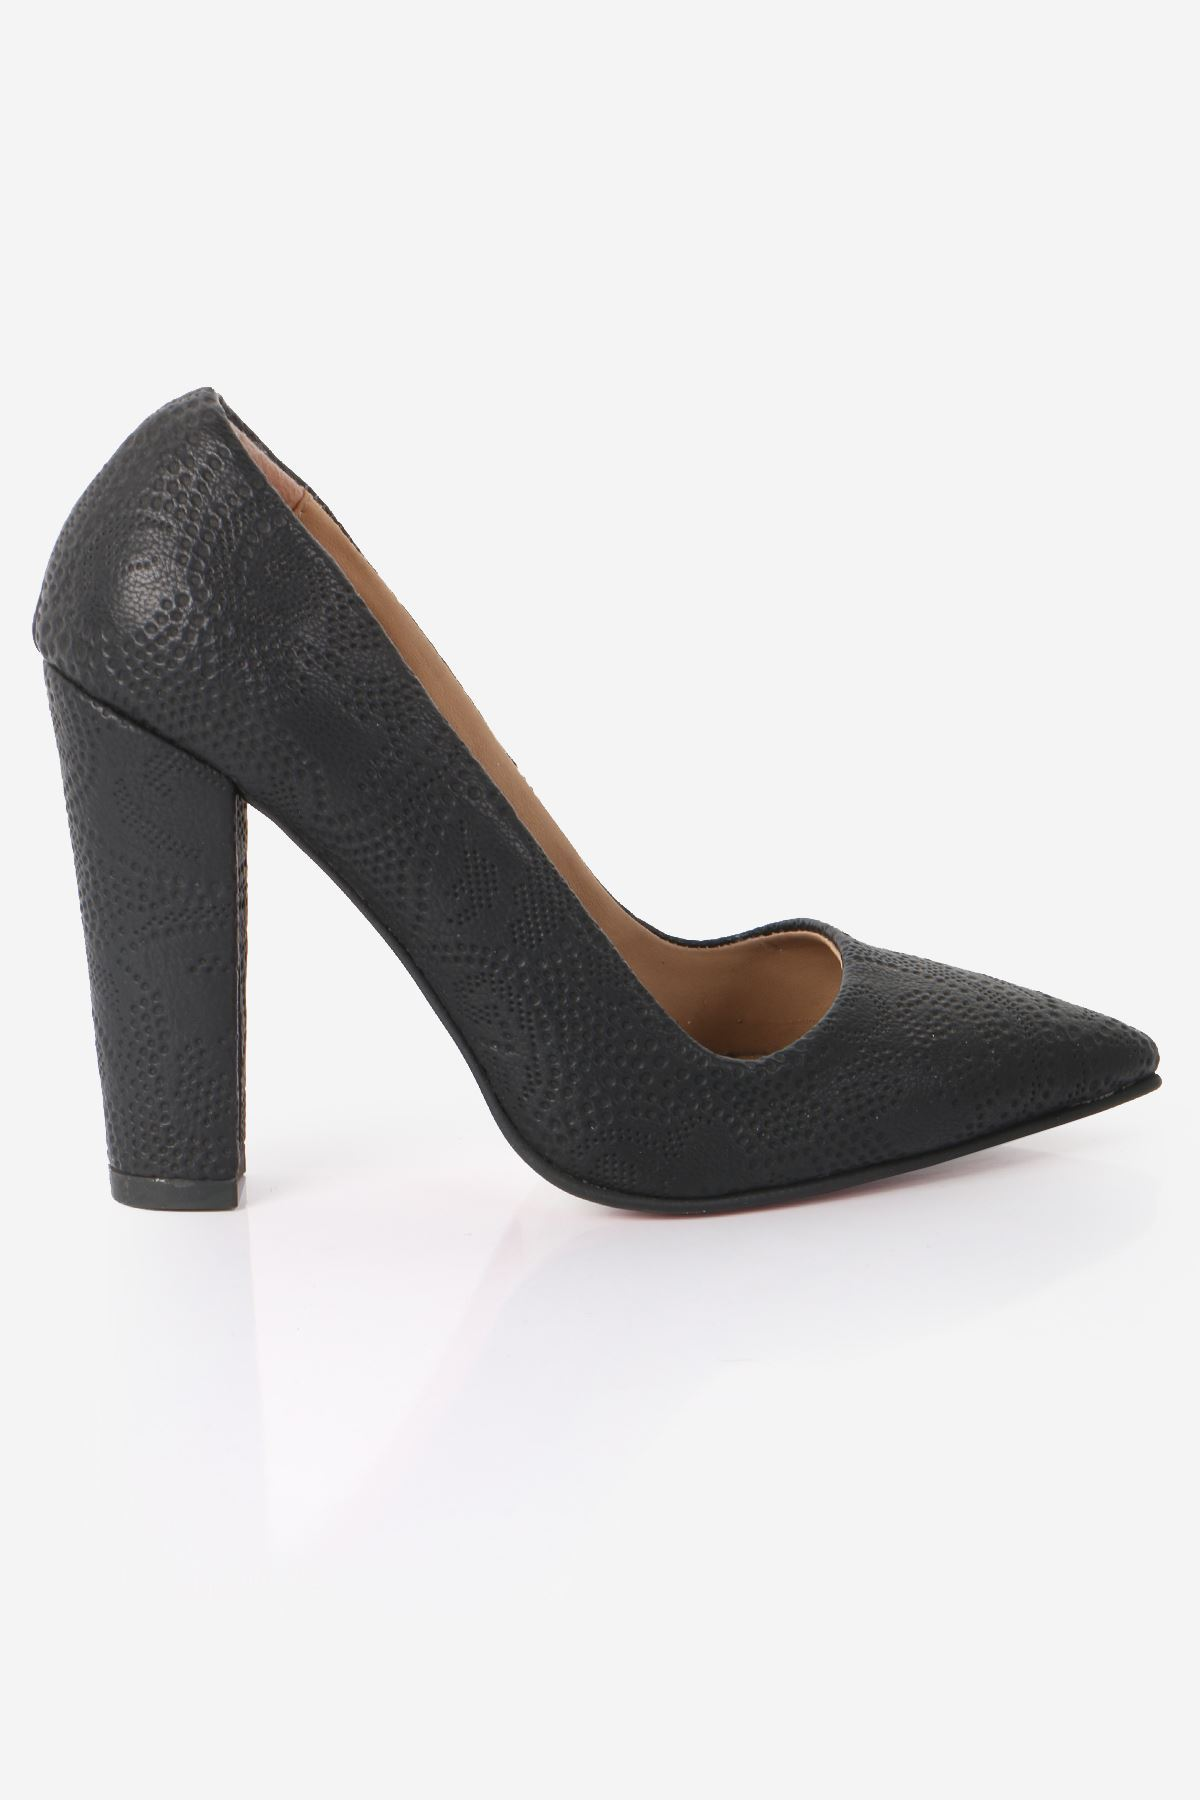 Siyah Lazer Desen Deri Kalın Topuklu Stiletto